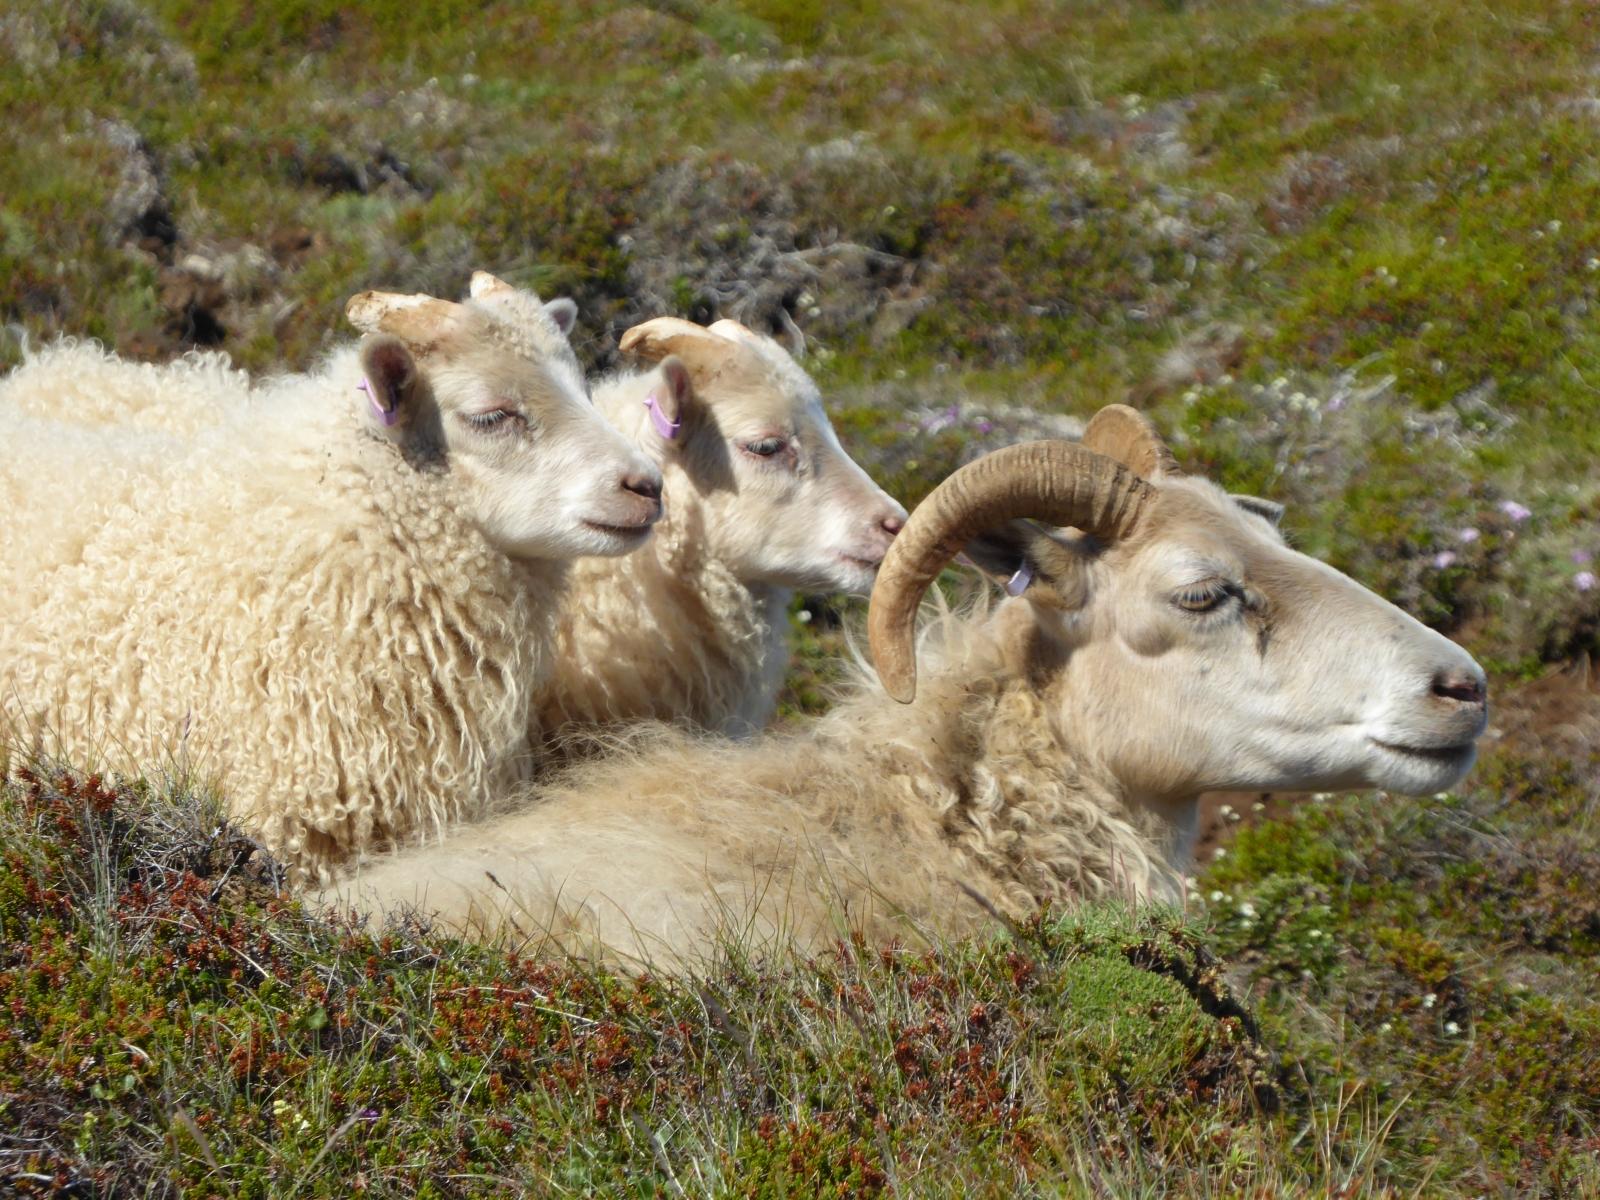 Schafe gibt es immer und überall. Es sollen mindestens 10 x so viele Schafe wie Einwohner geben.